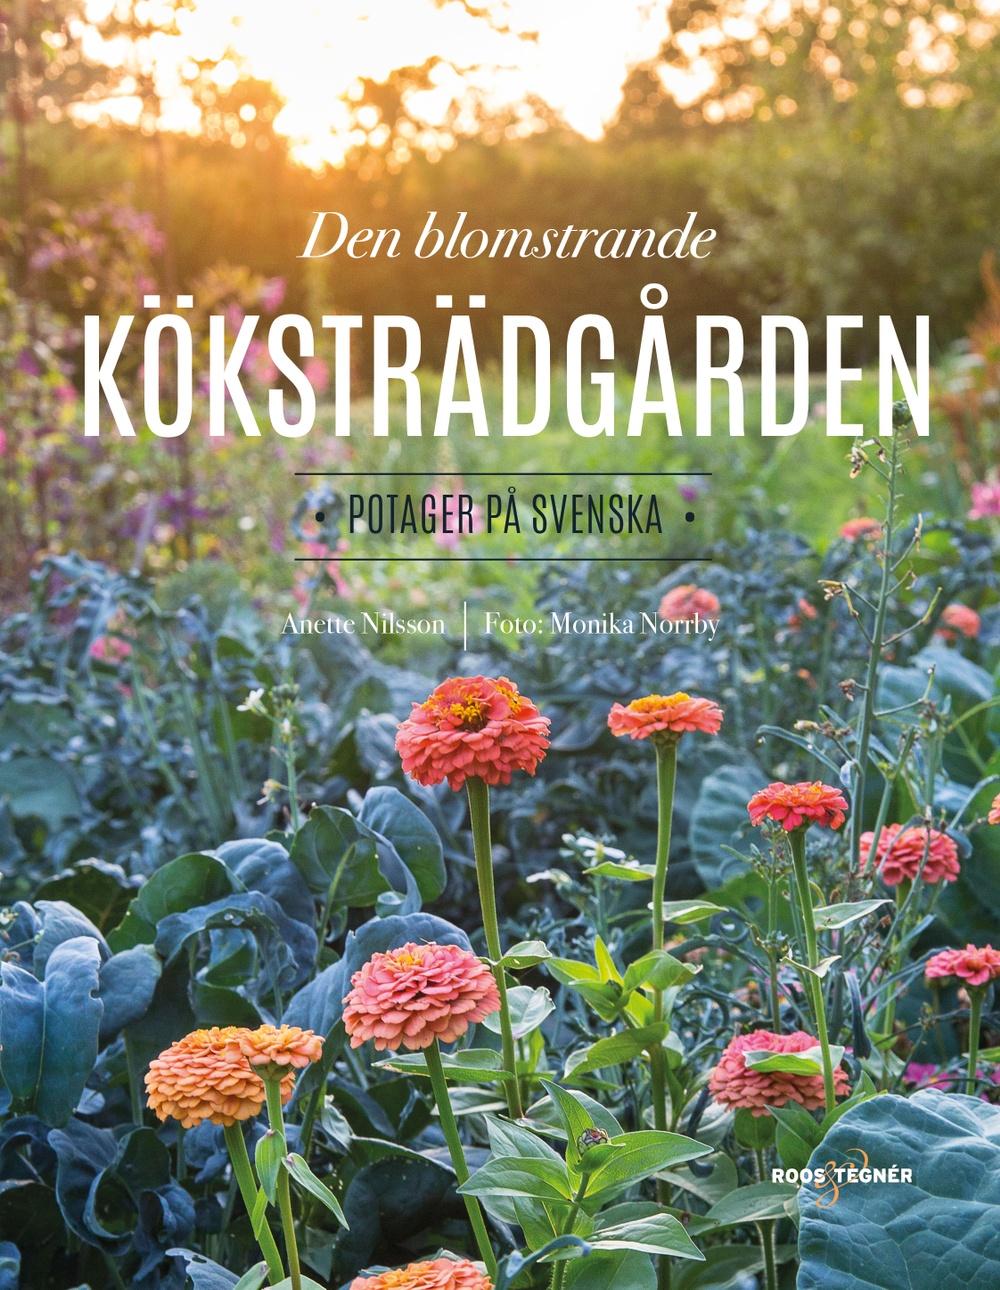 Bokomslag: Den blomstrande köksträdgården - potager på svenska